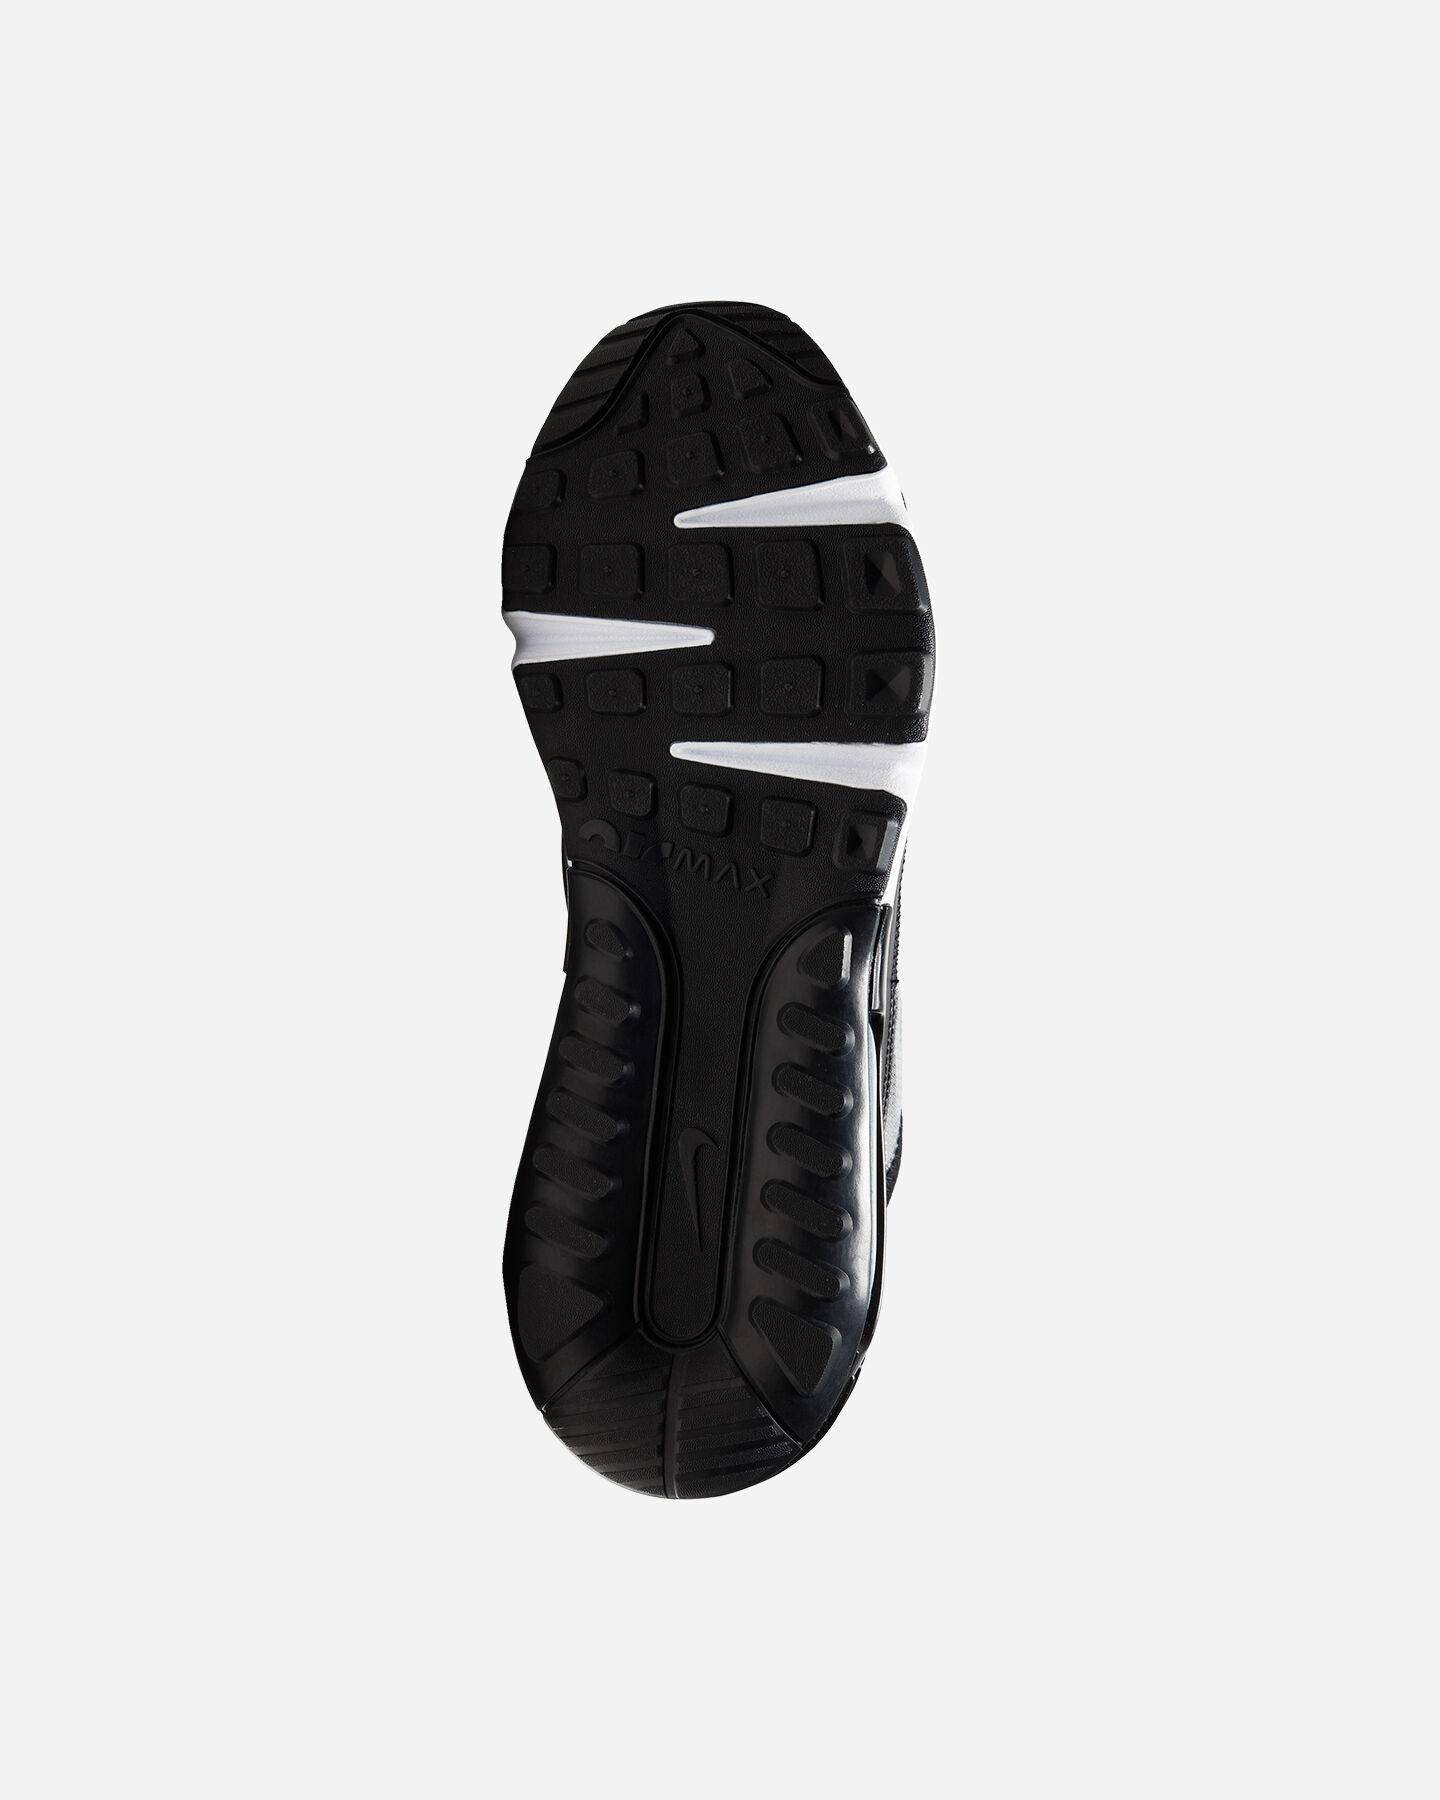 Scarpe sneakers NIKE AIR MAX 2090 W S5197587 scatto 2